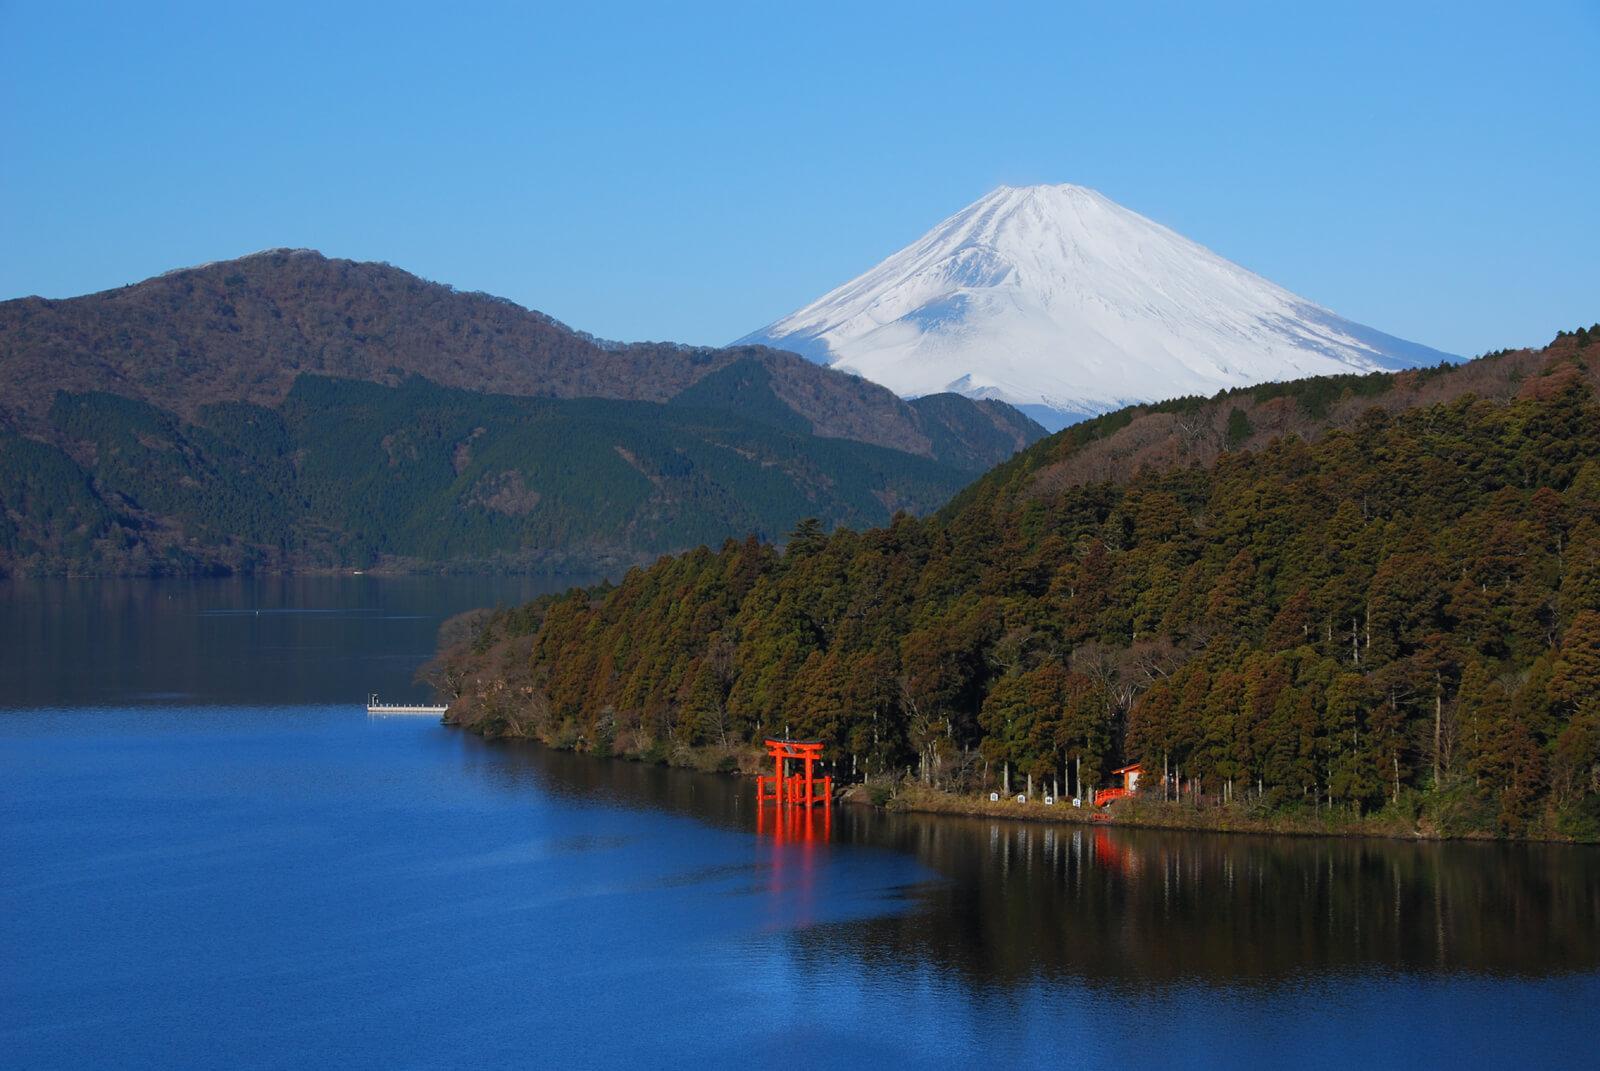 富士山と鳥居の見える芦ノ湖